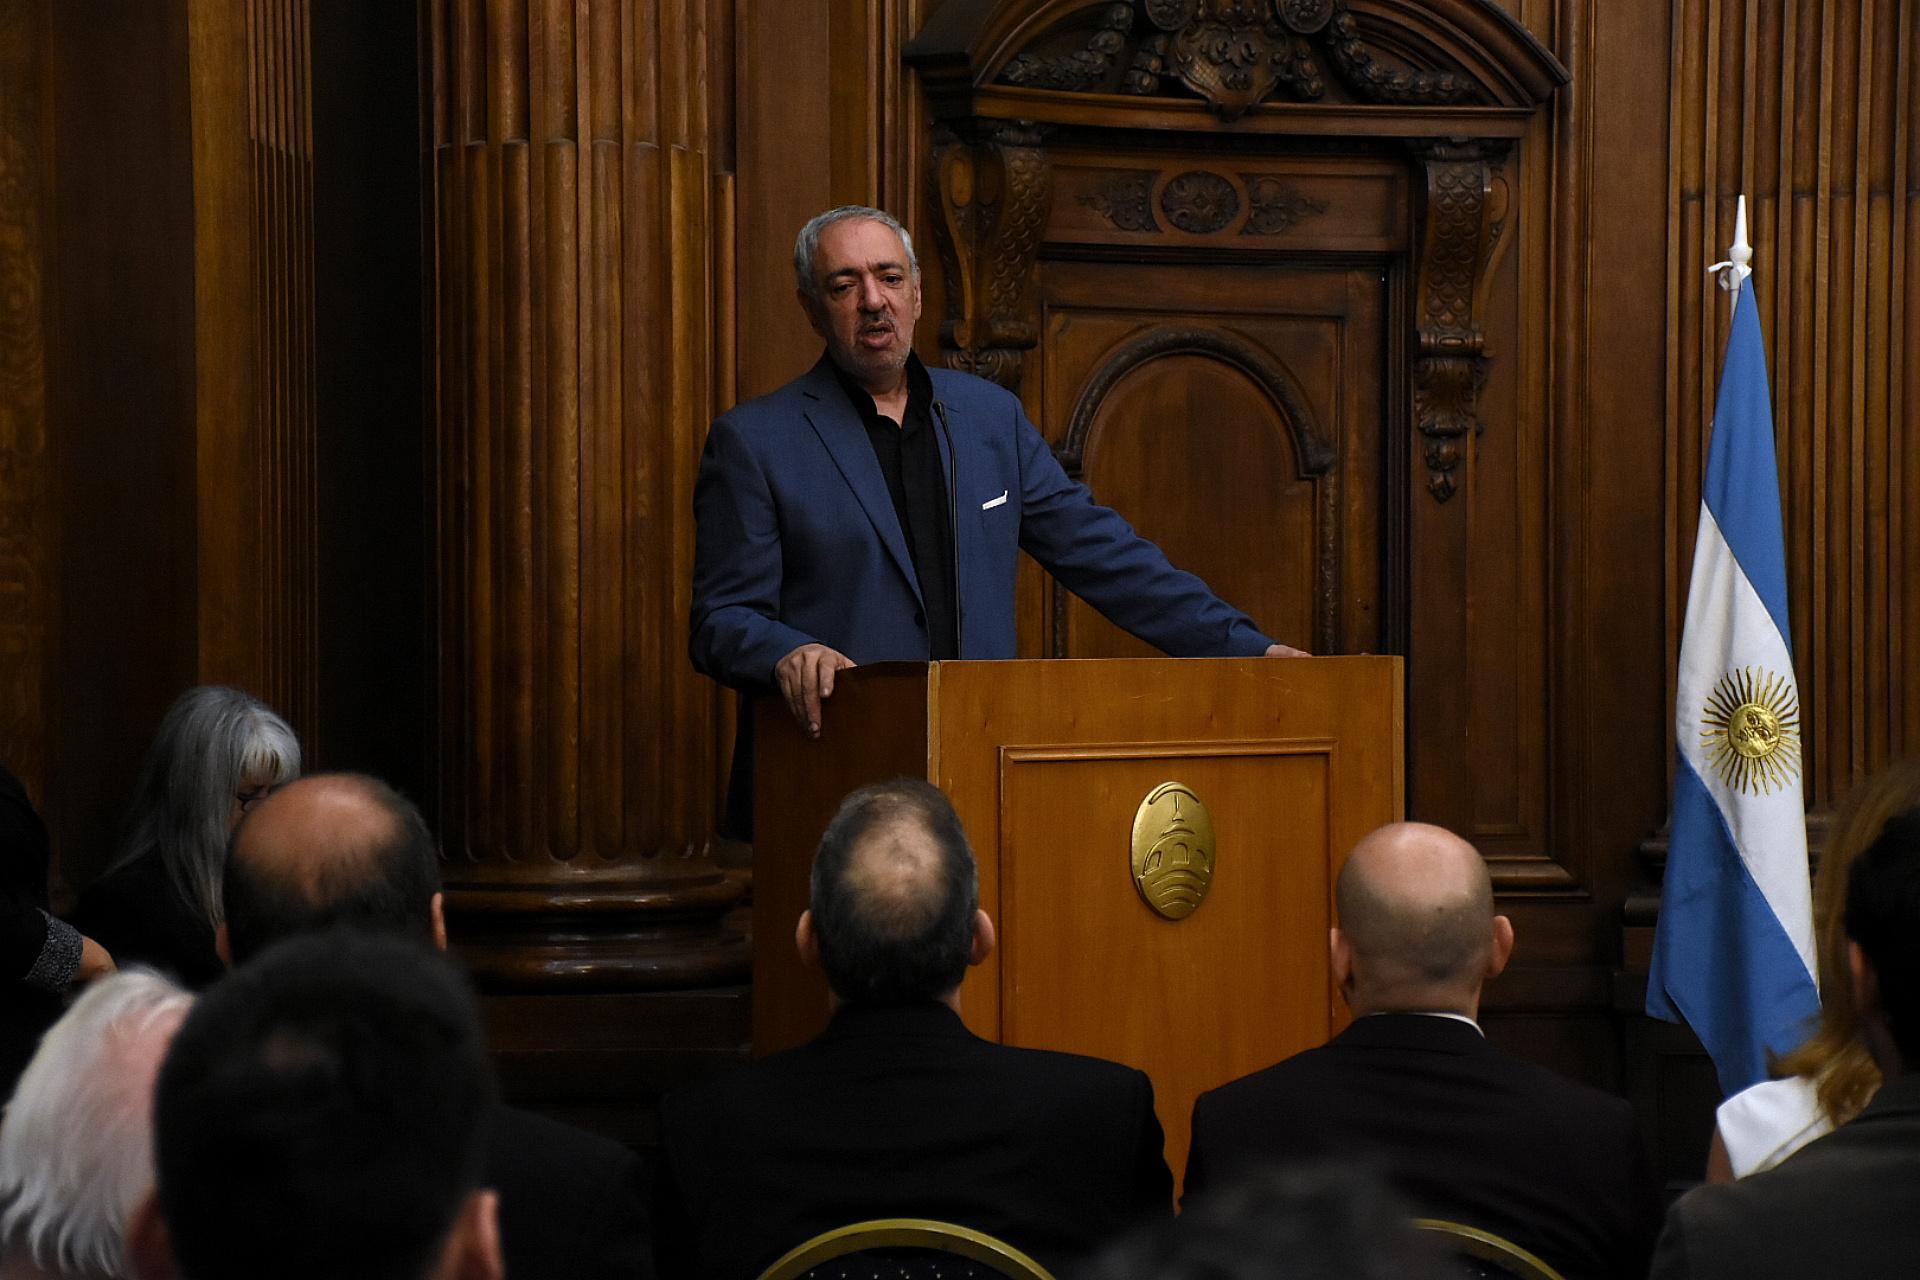 El diputado porteño del PRO Omar Abboud preside el Instituto del Diálogo Interreligioso. En su discurso expresó: